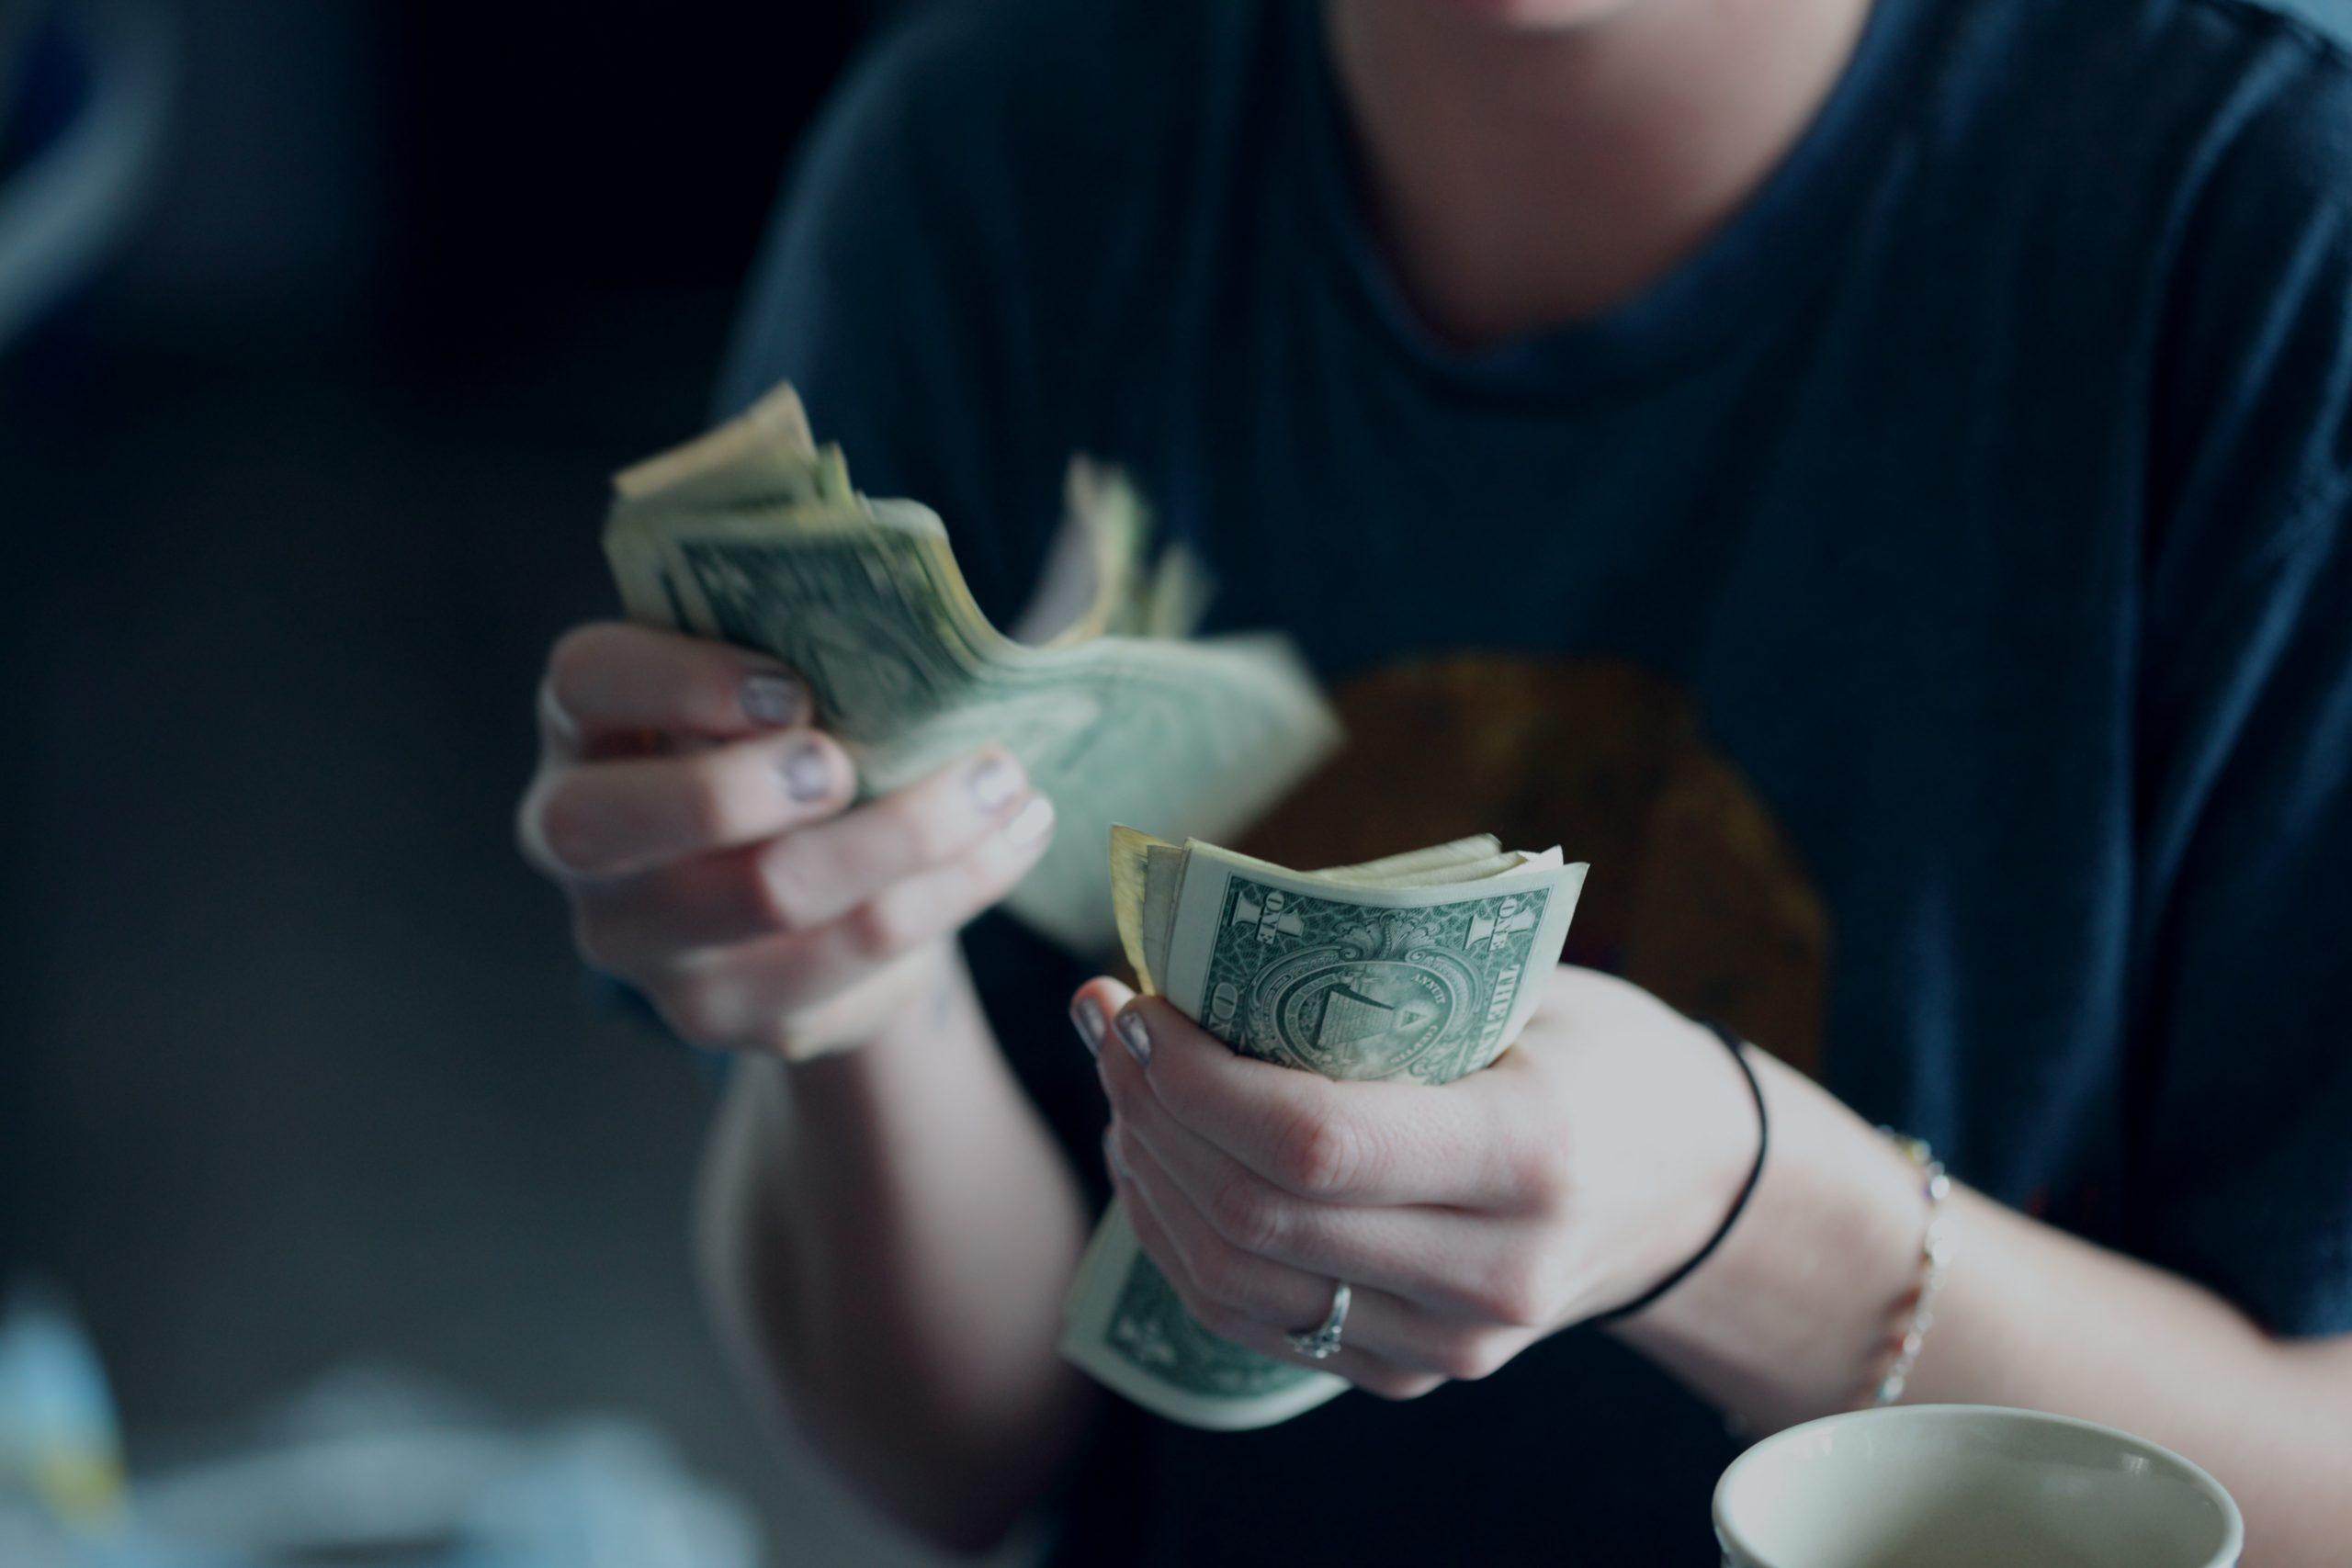 A twenty-four year old woman counting dollar bills.